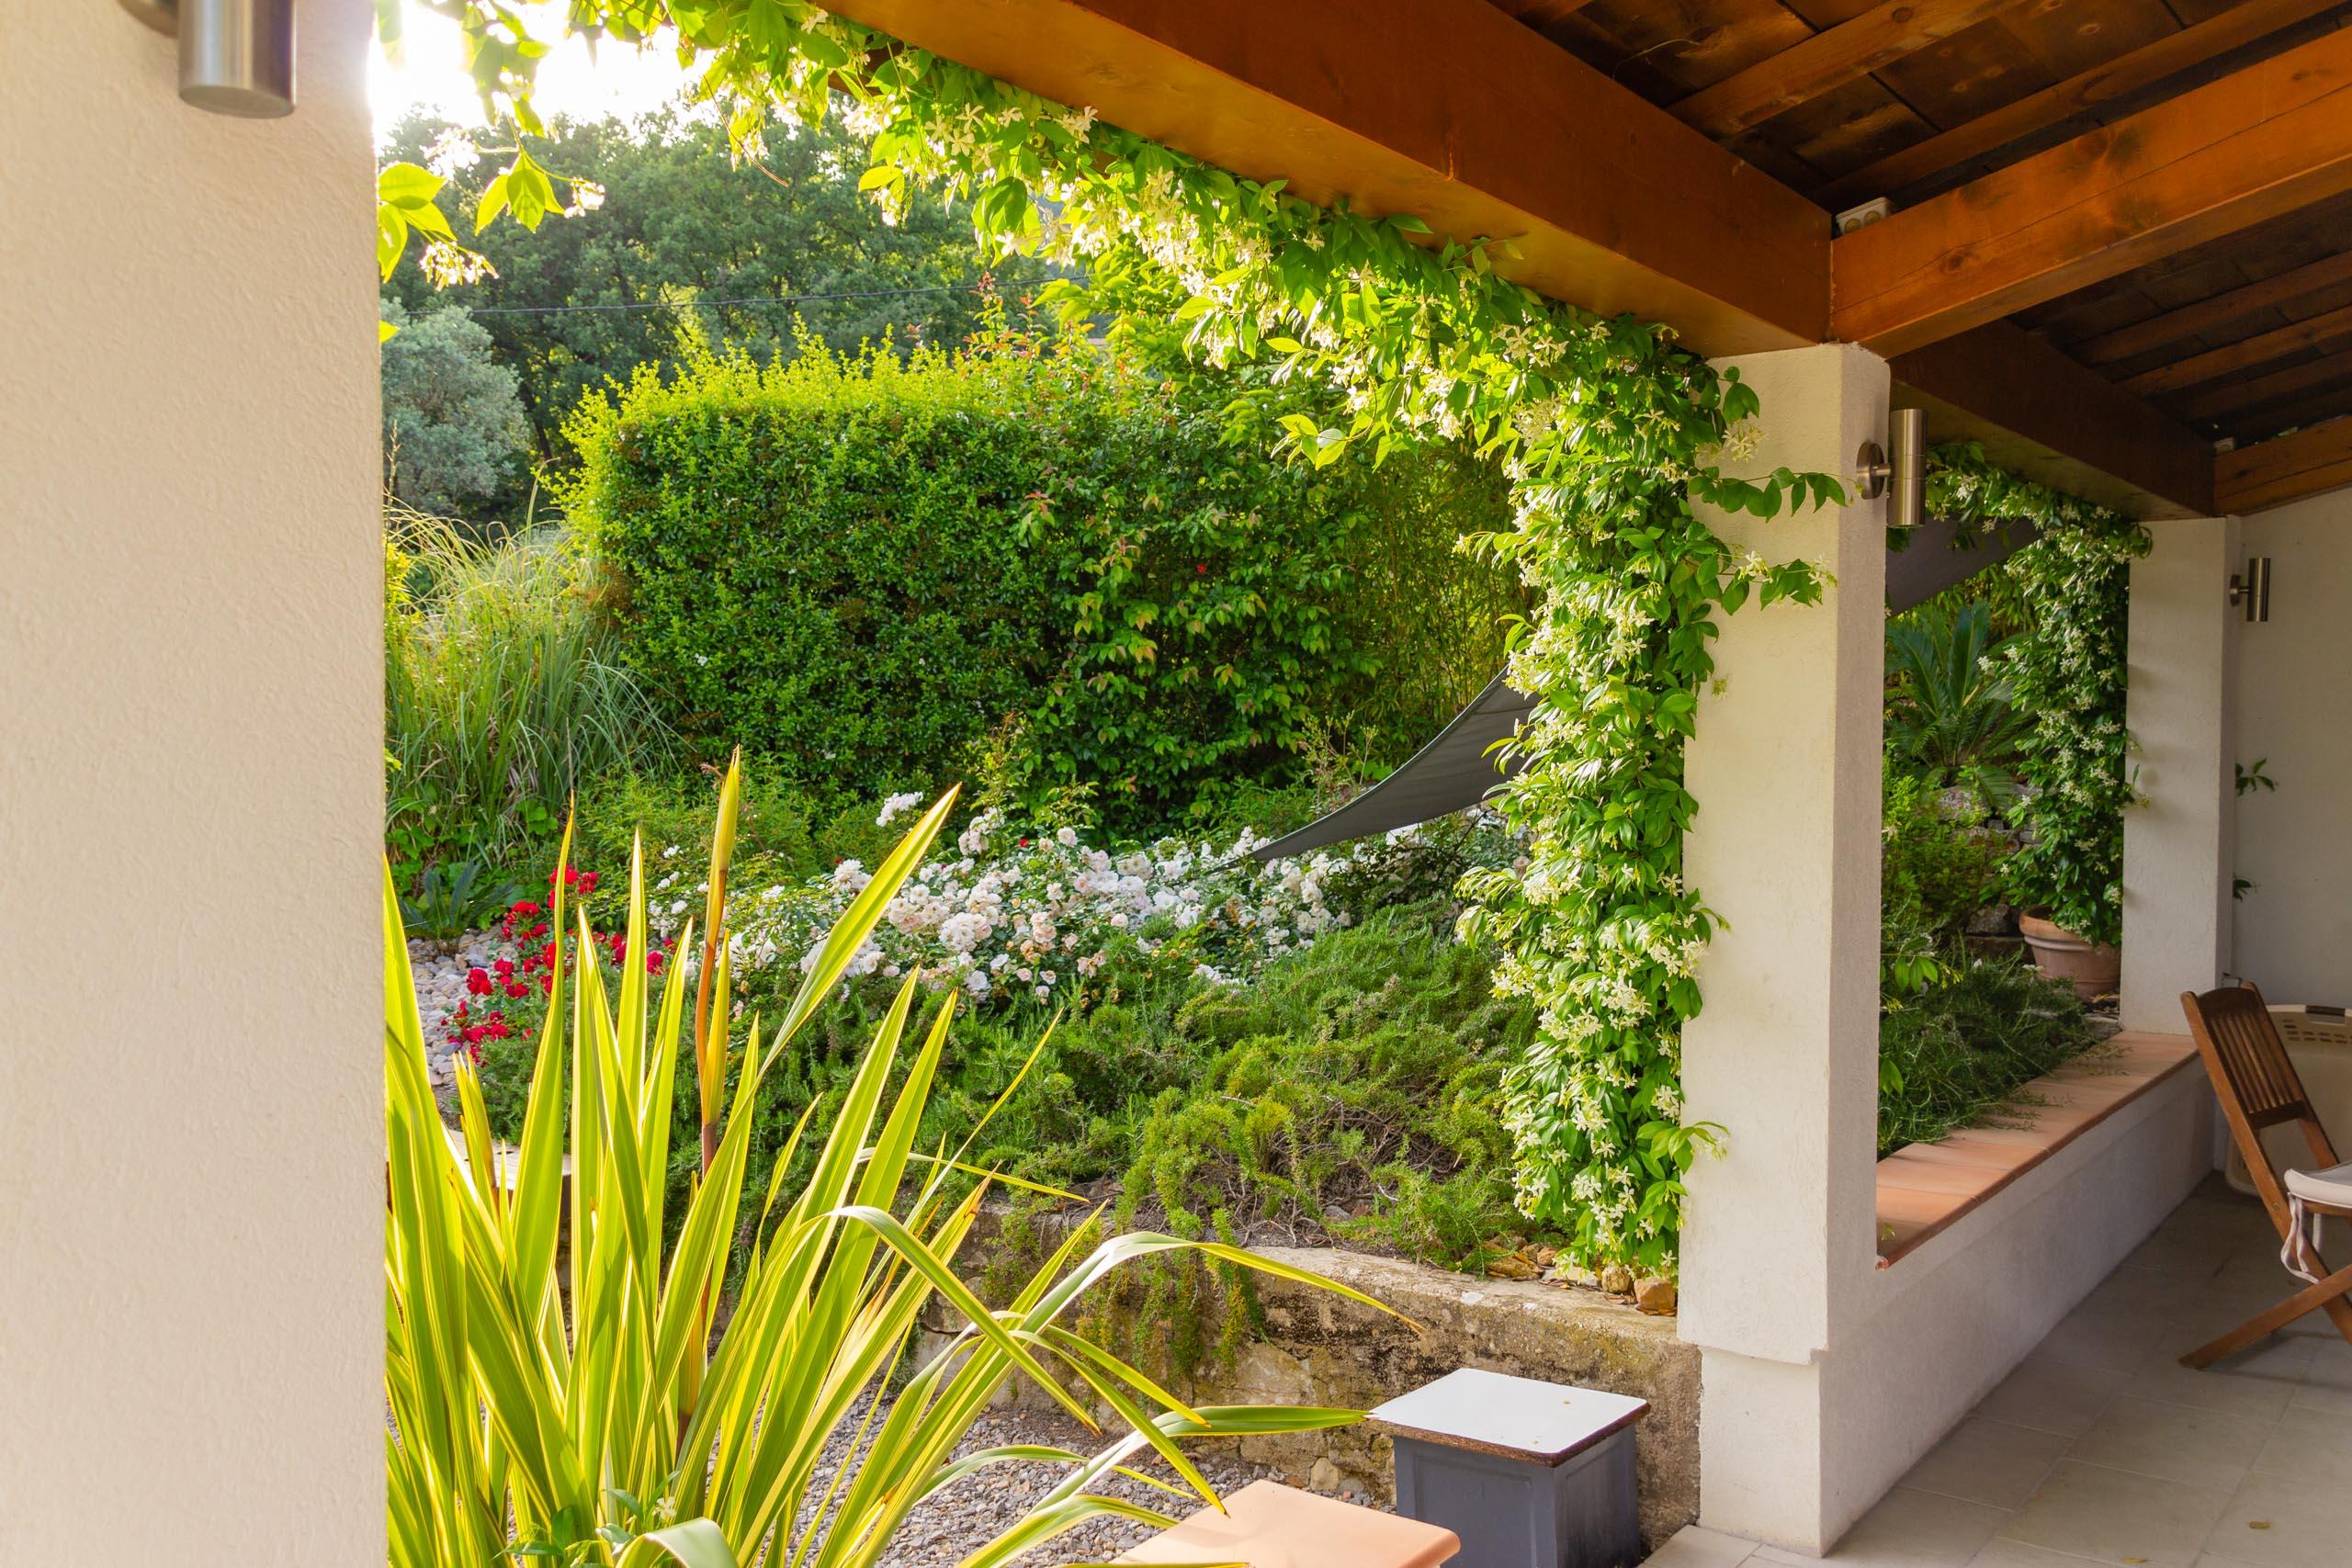 2018 05 Provence Garden 1 002